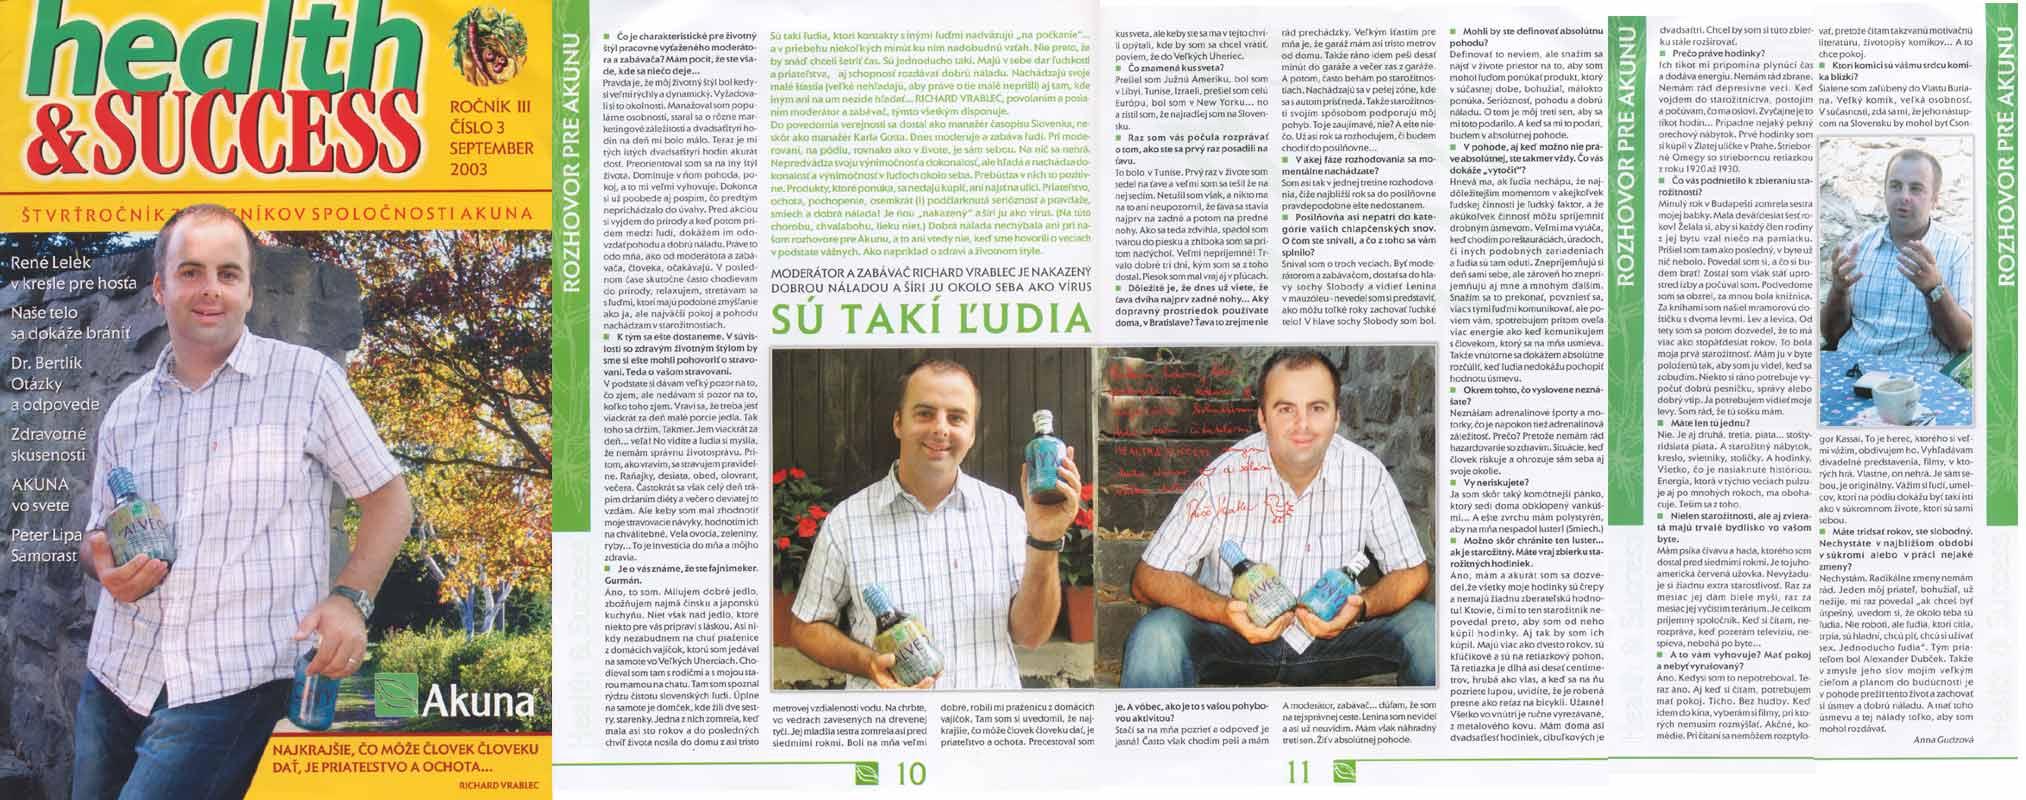 health & SUCCESS September 2003: Sú takí ludia